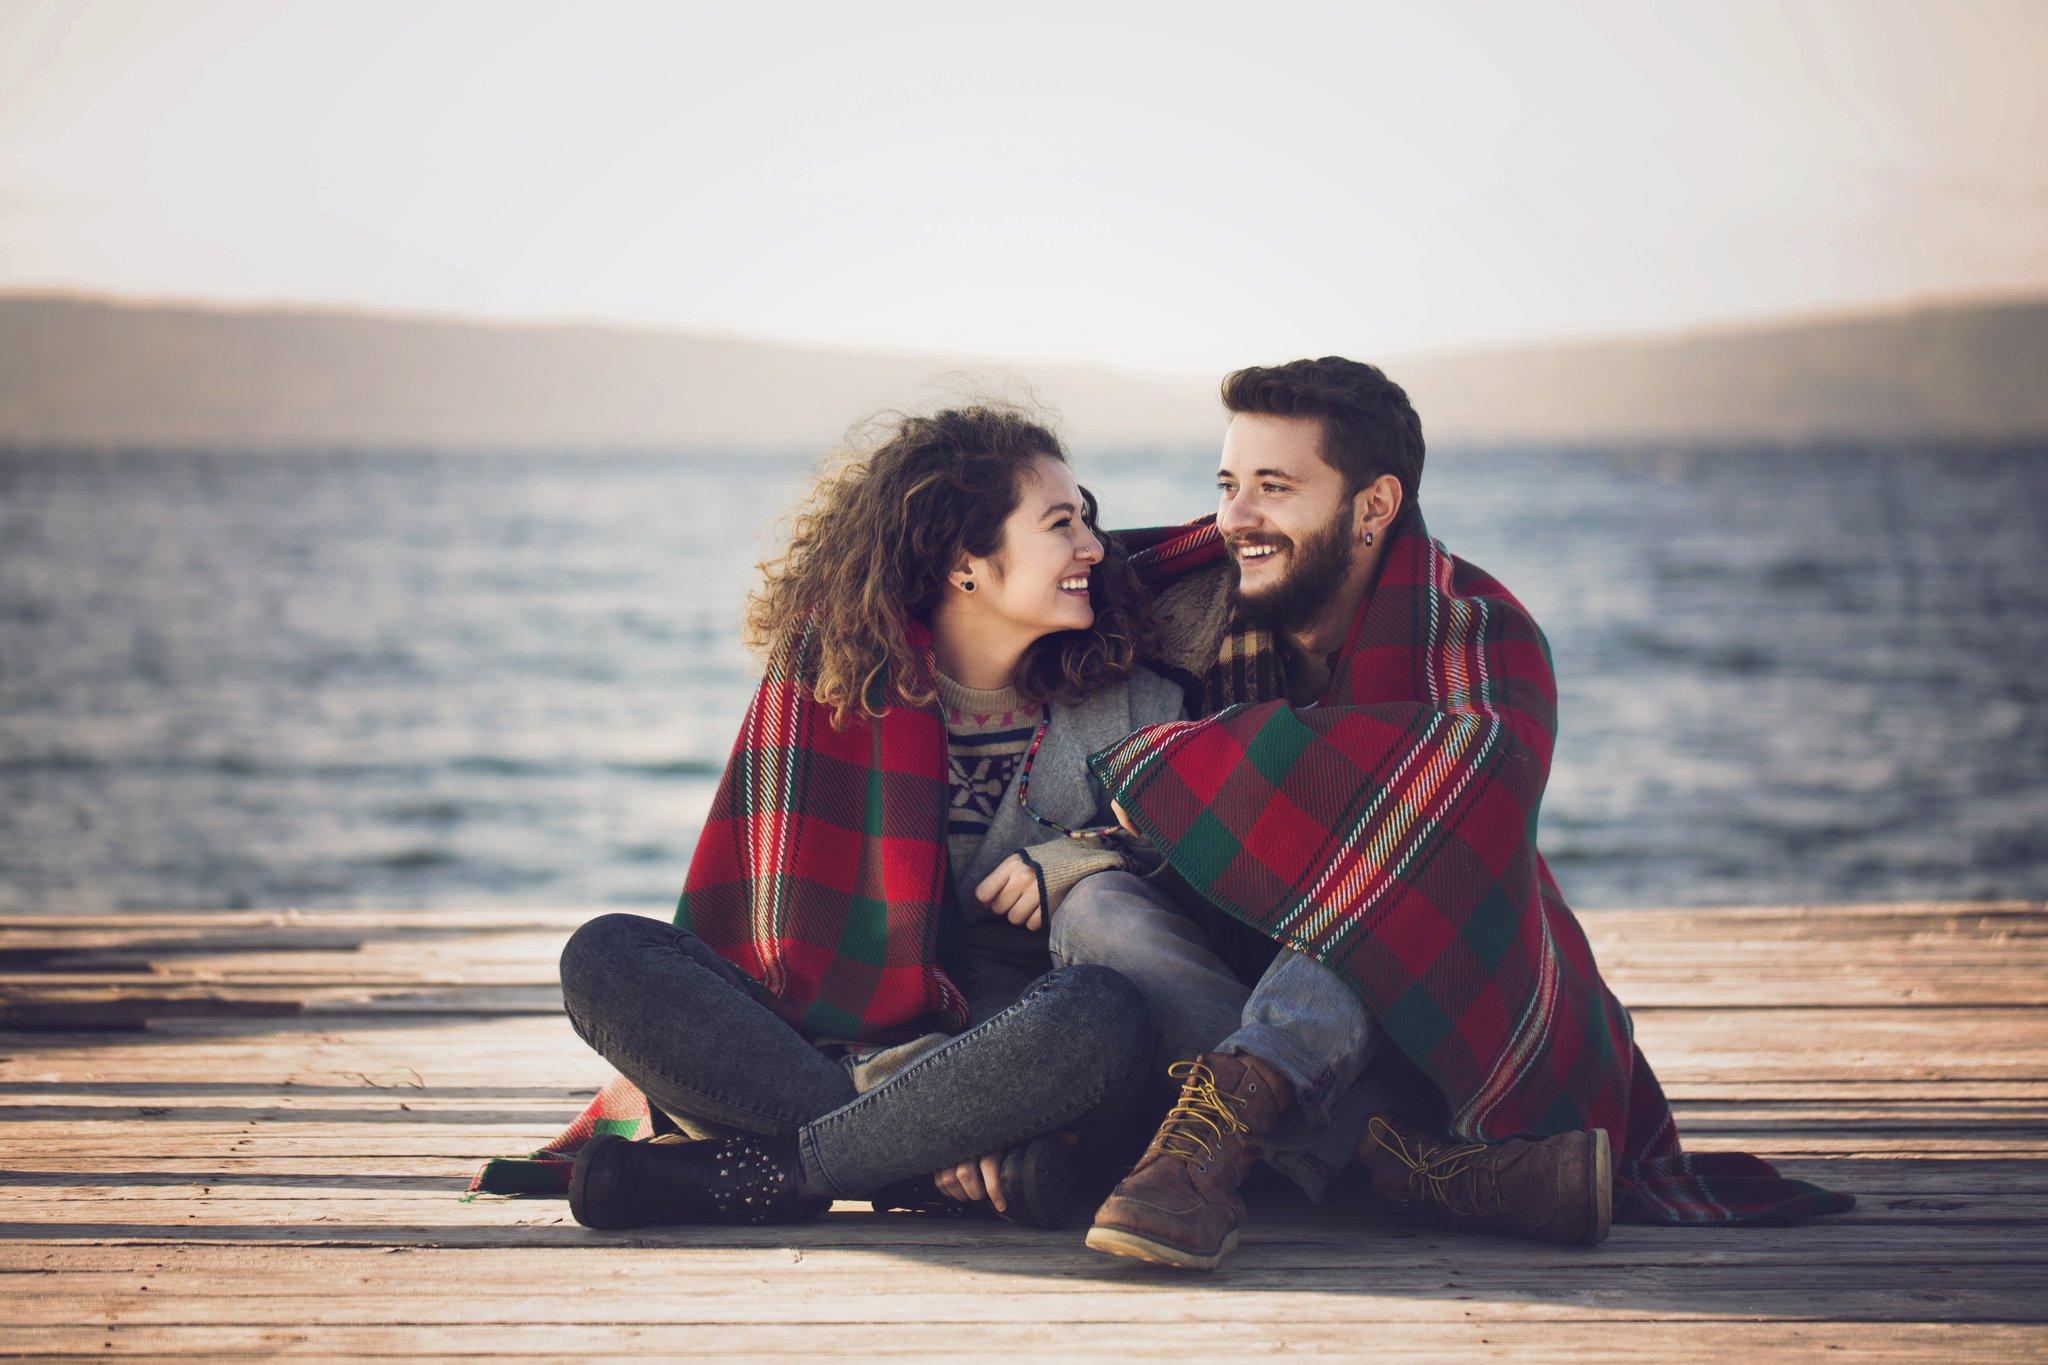 بالصور صور حب ورومنسيه , رومنسيات غاية فى الجمال والروعه 6707 10